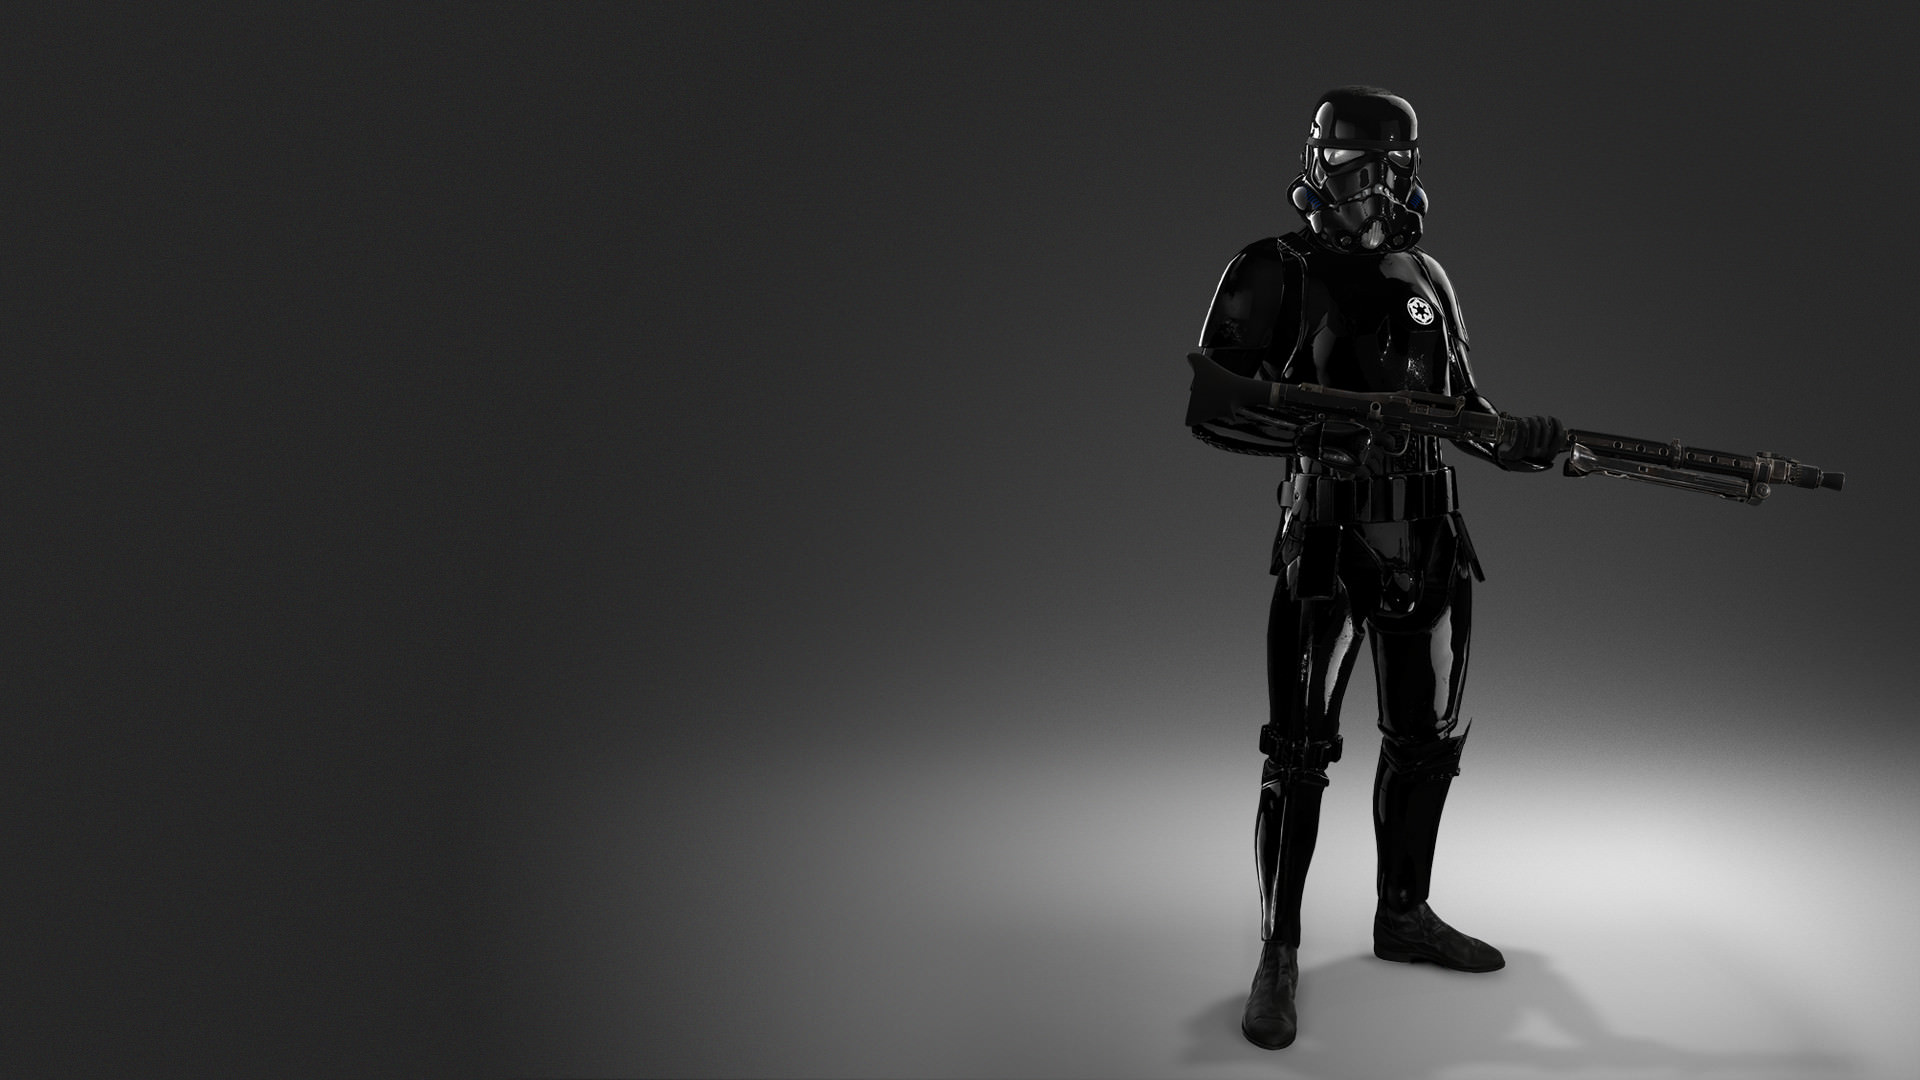 Shadow Trooper Wallpaper Wallpapersafari